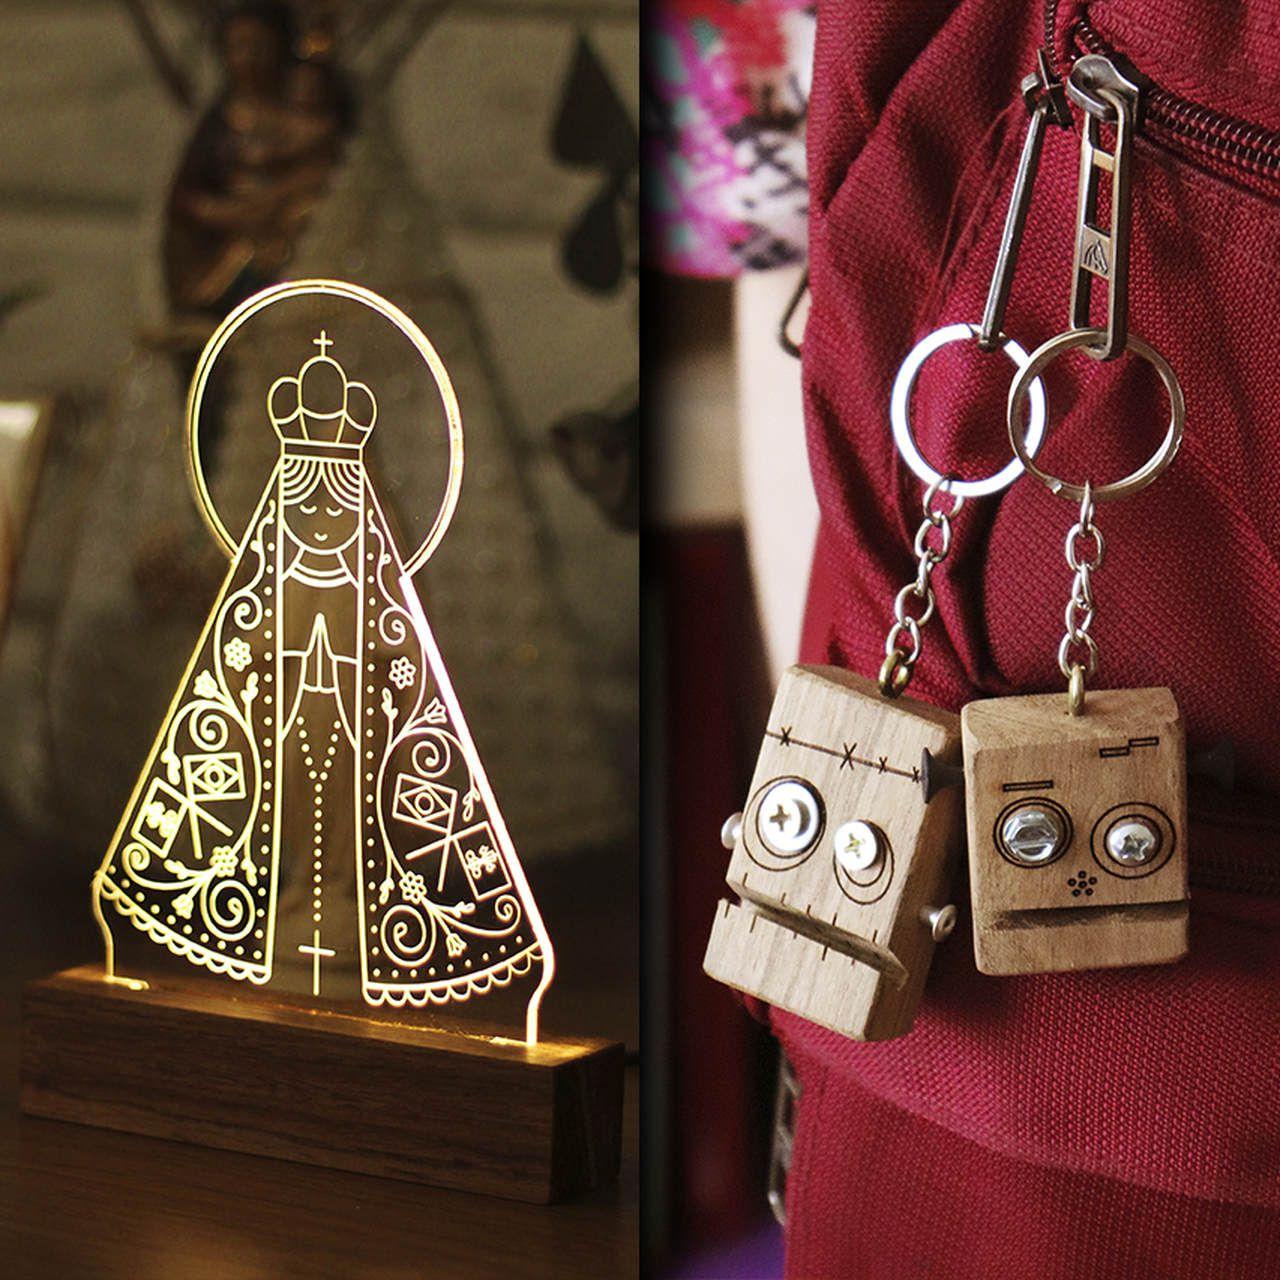 Kit Dia dos Namorados - 1 luminária Nossa Senhora Aparecida + 2 chaveiros